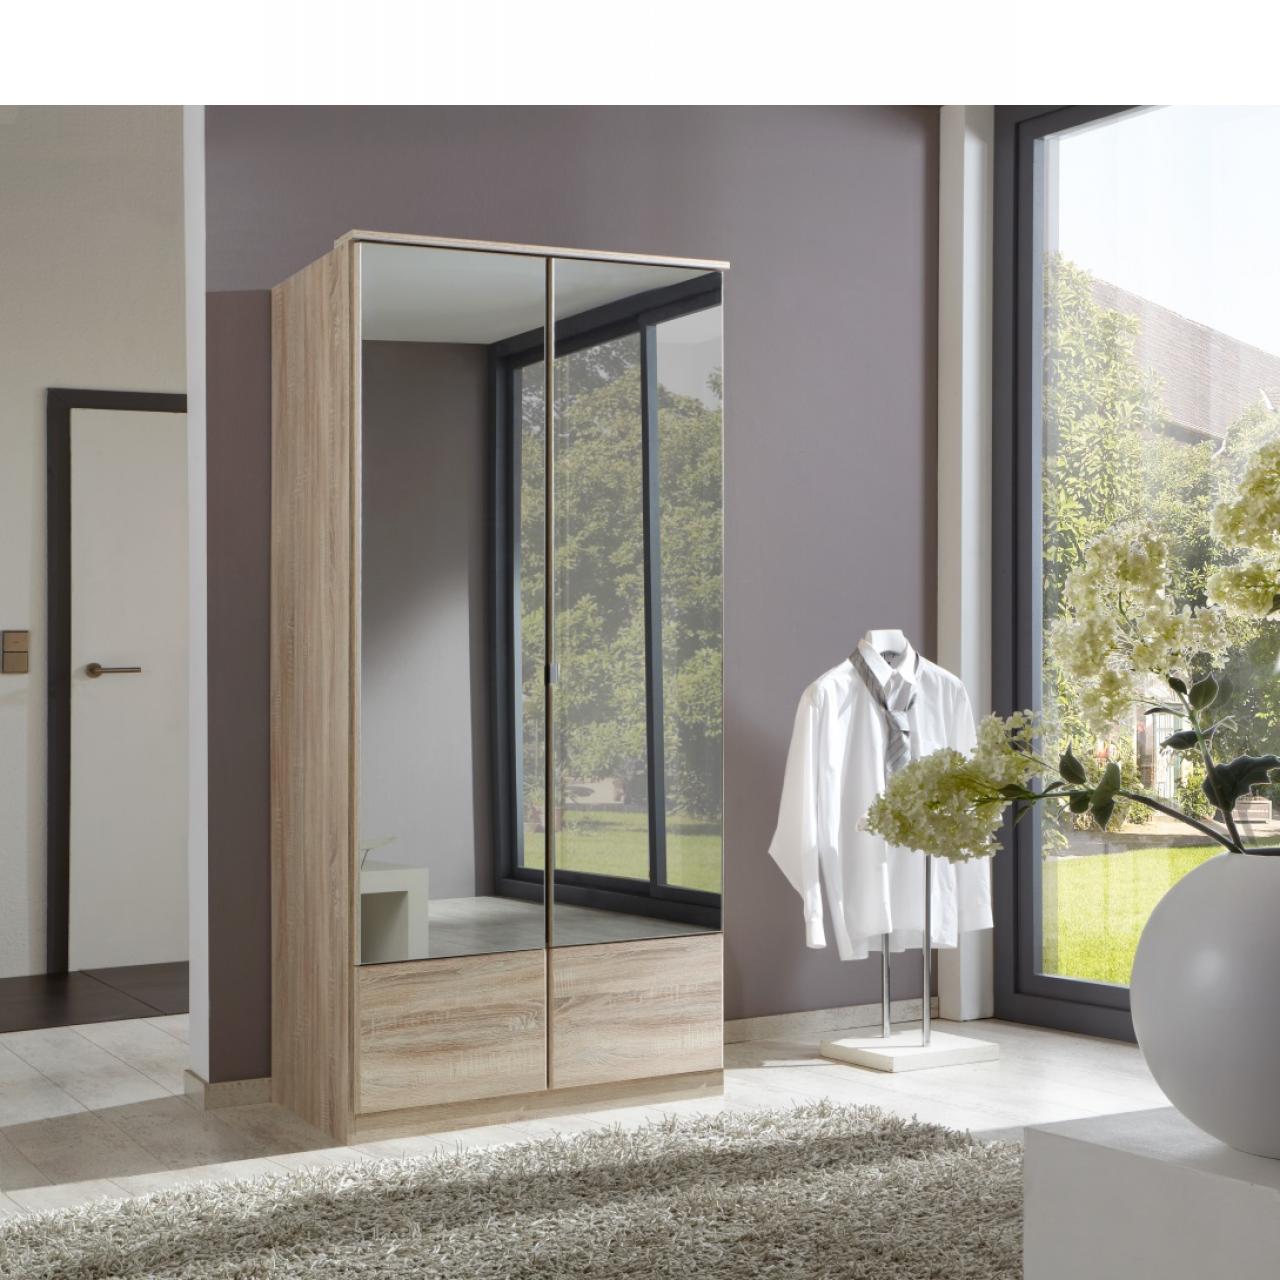 kleiderschrank imago 2 2 t rig eiche s gerau spiegelfront m bel j hnichen center gmbh. Black Bedroom Furniture Sets. Home Design Ideas